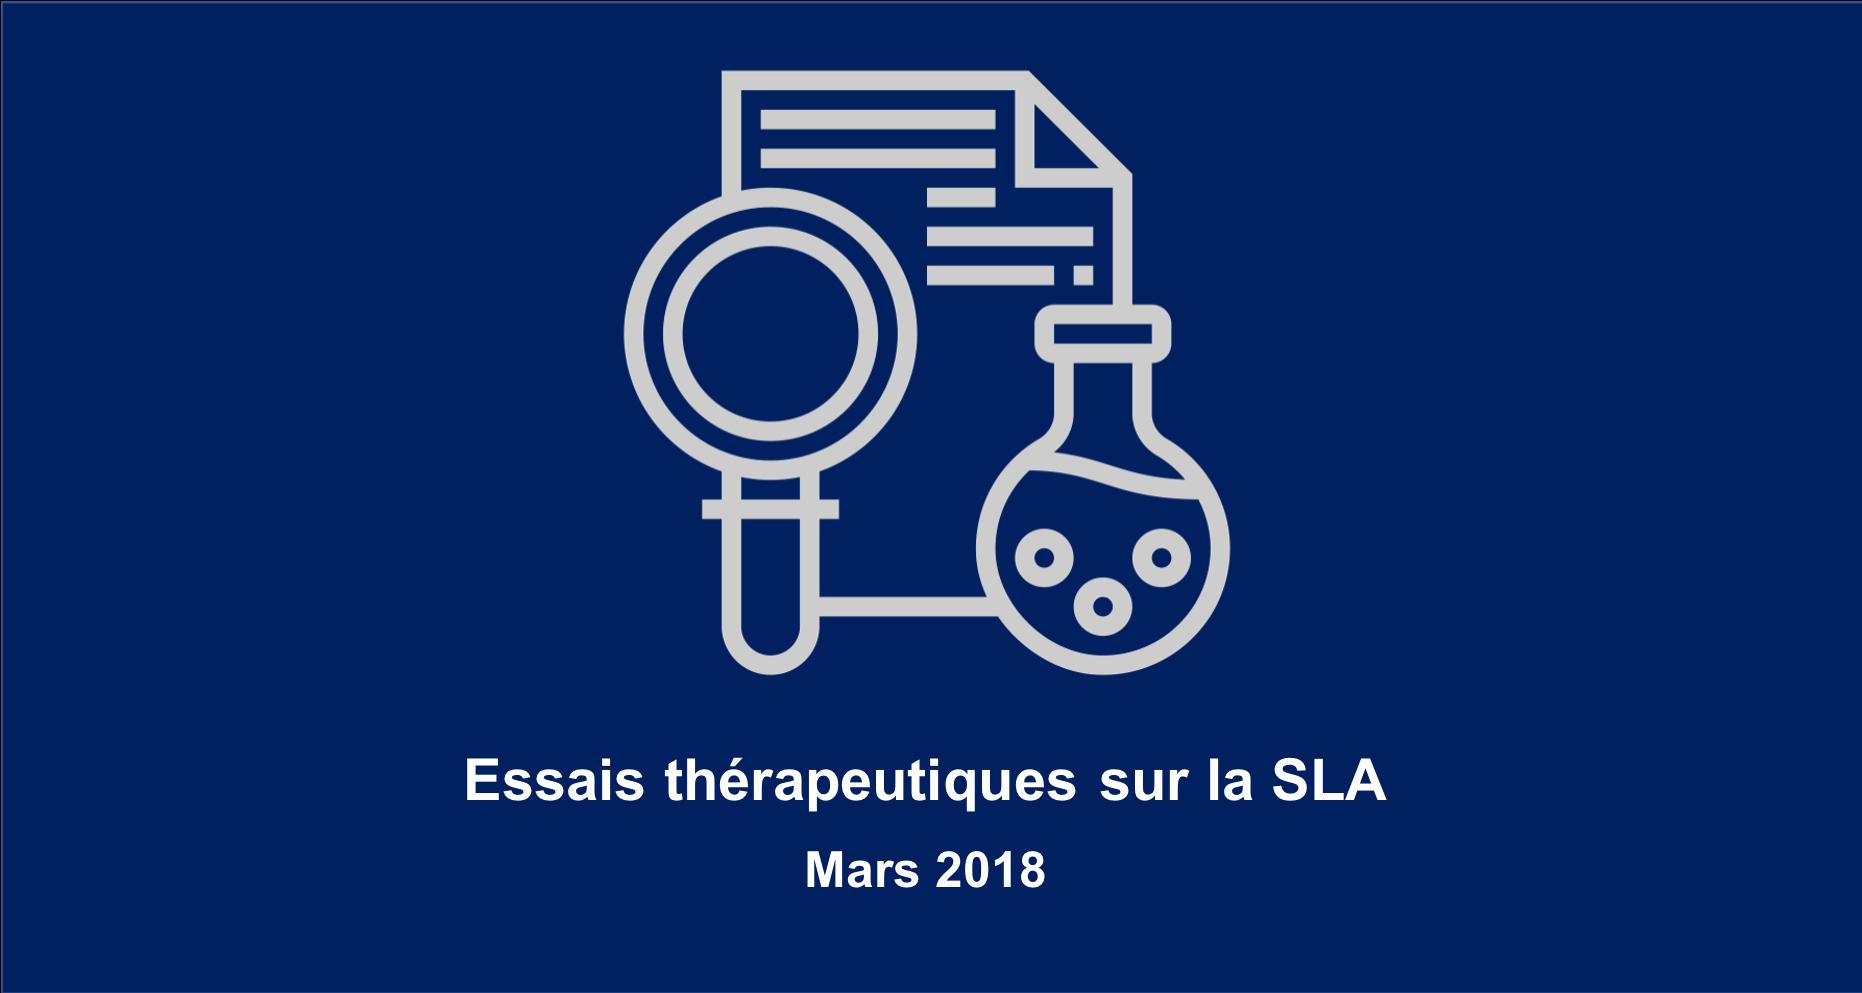 Essais thérapeutiques dans la SLA – Mars 2018